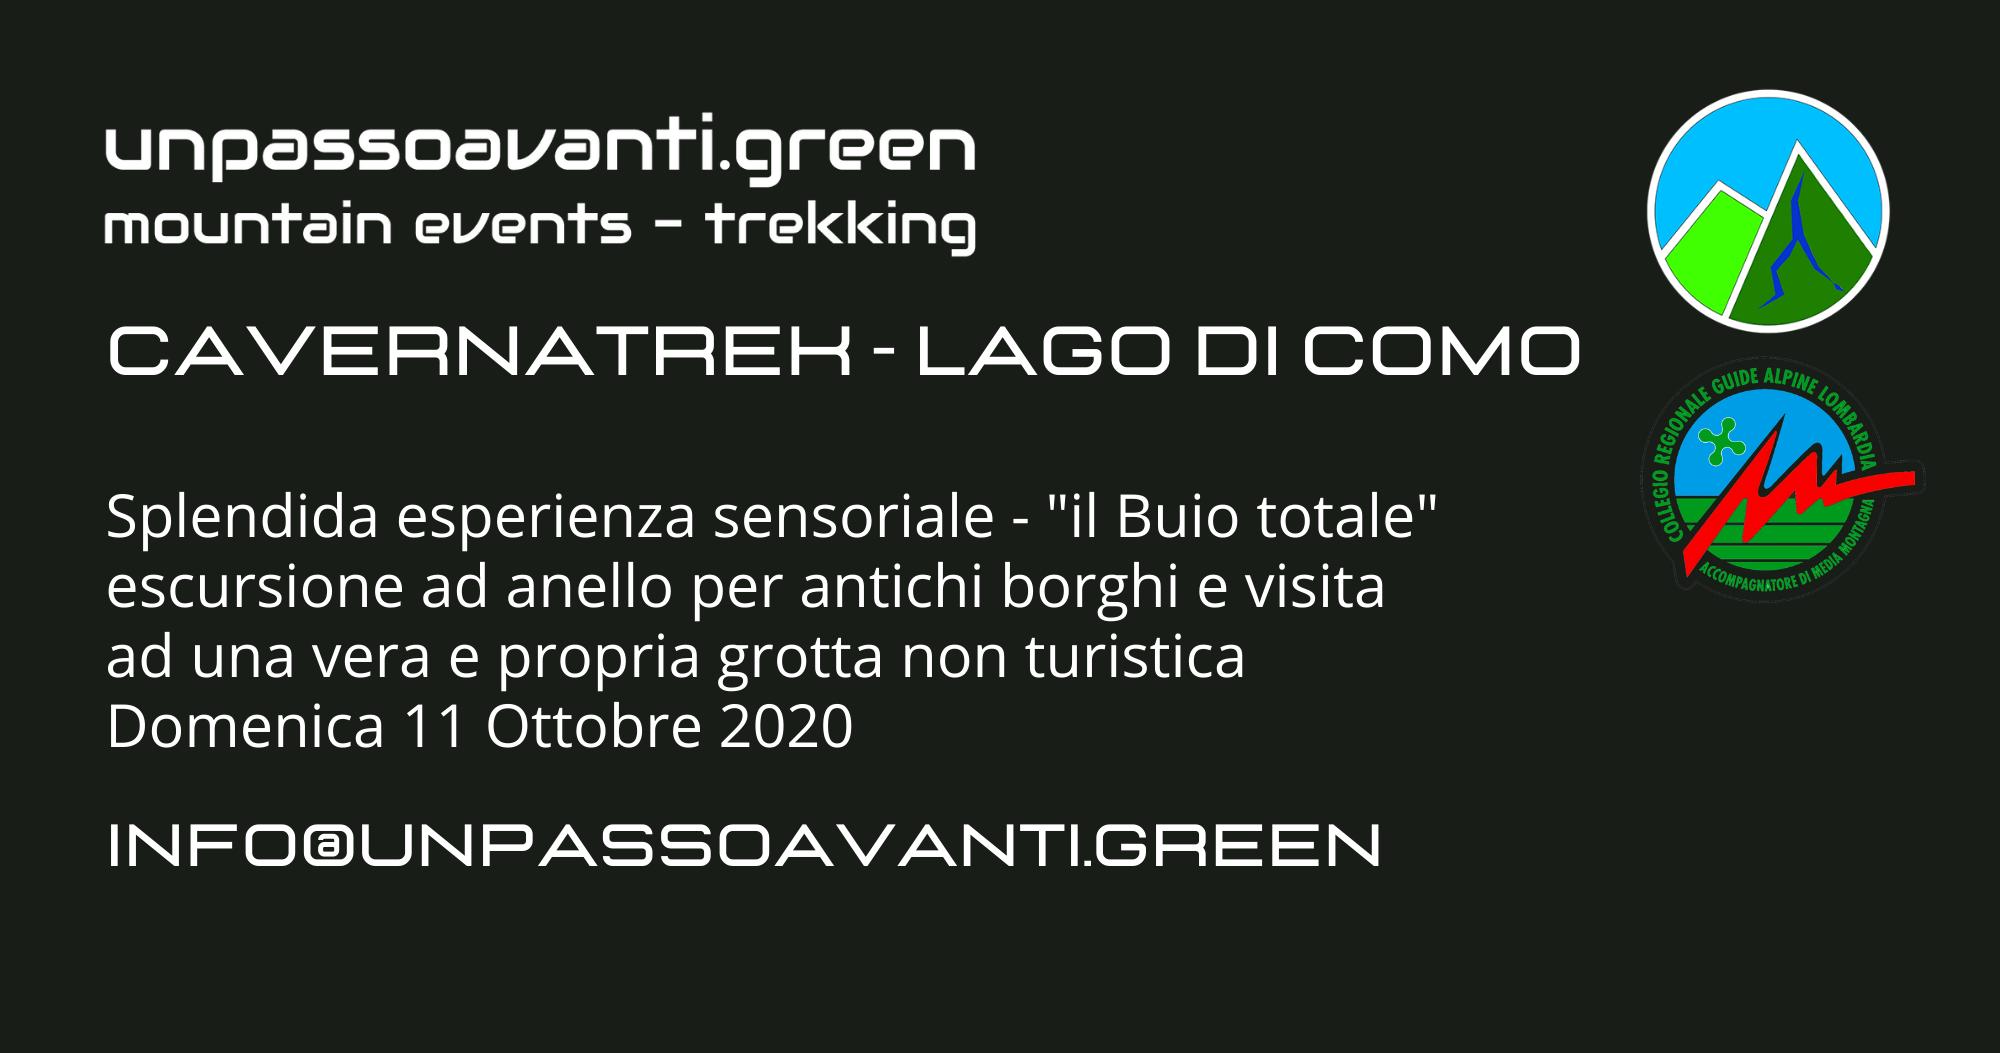 Grotta Trek unpassoavanti.green